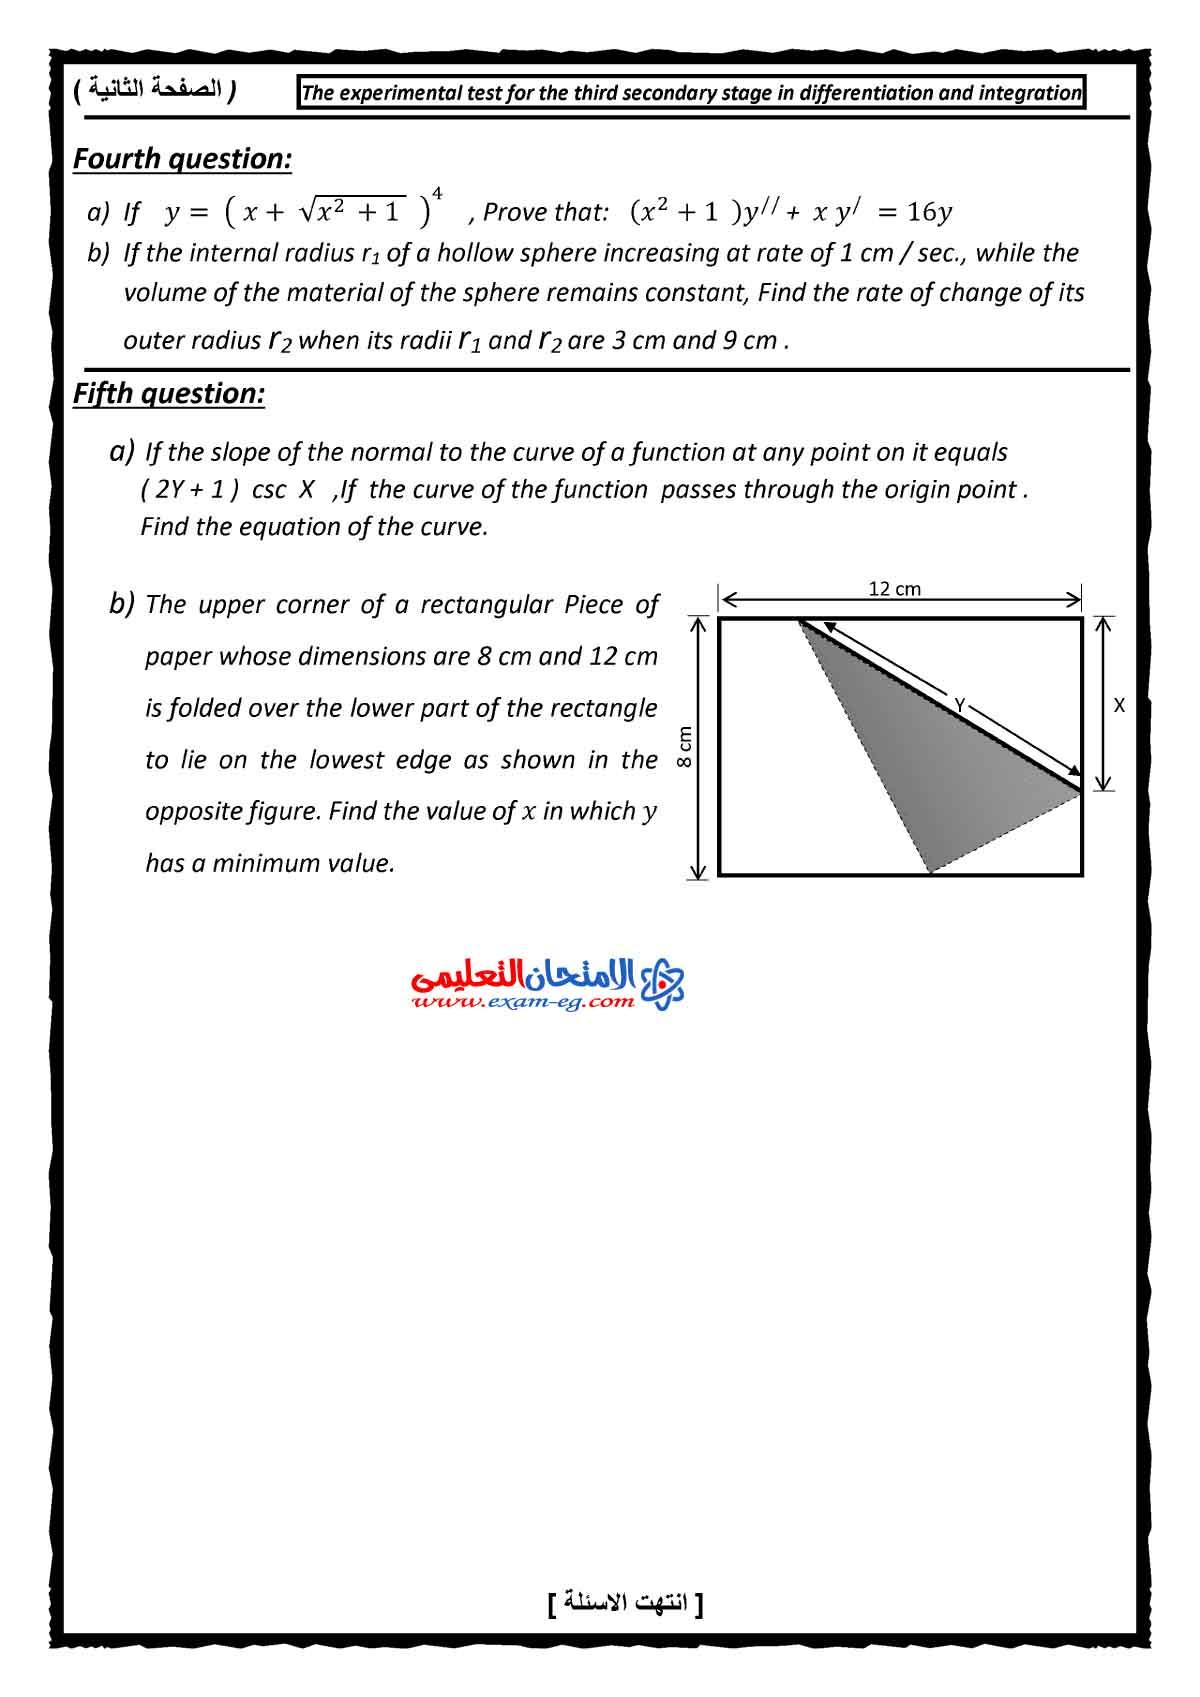 امتحان الوزارة فى التفاضل والتكامل 22